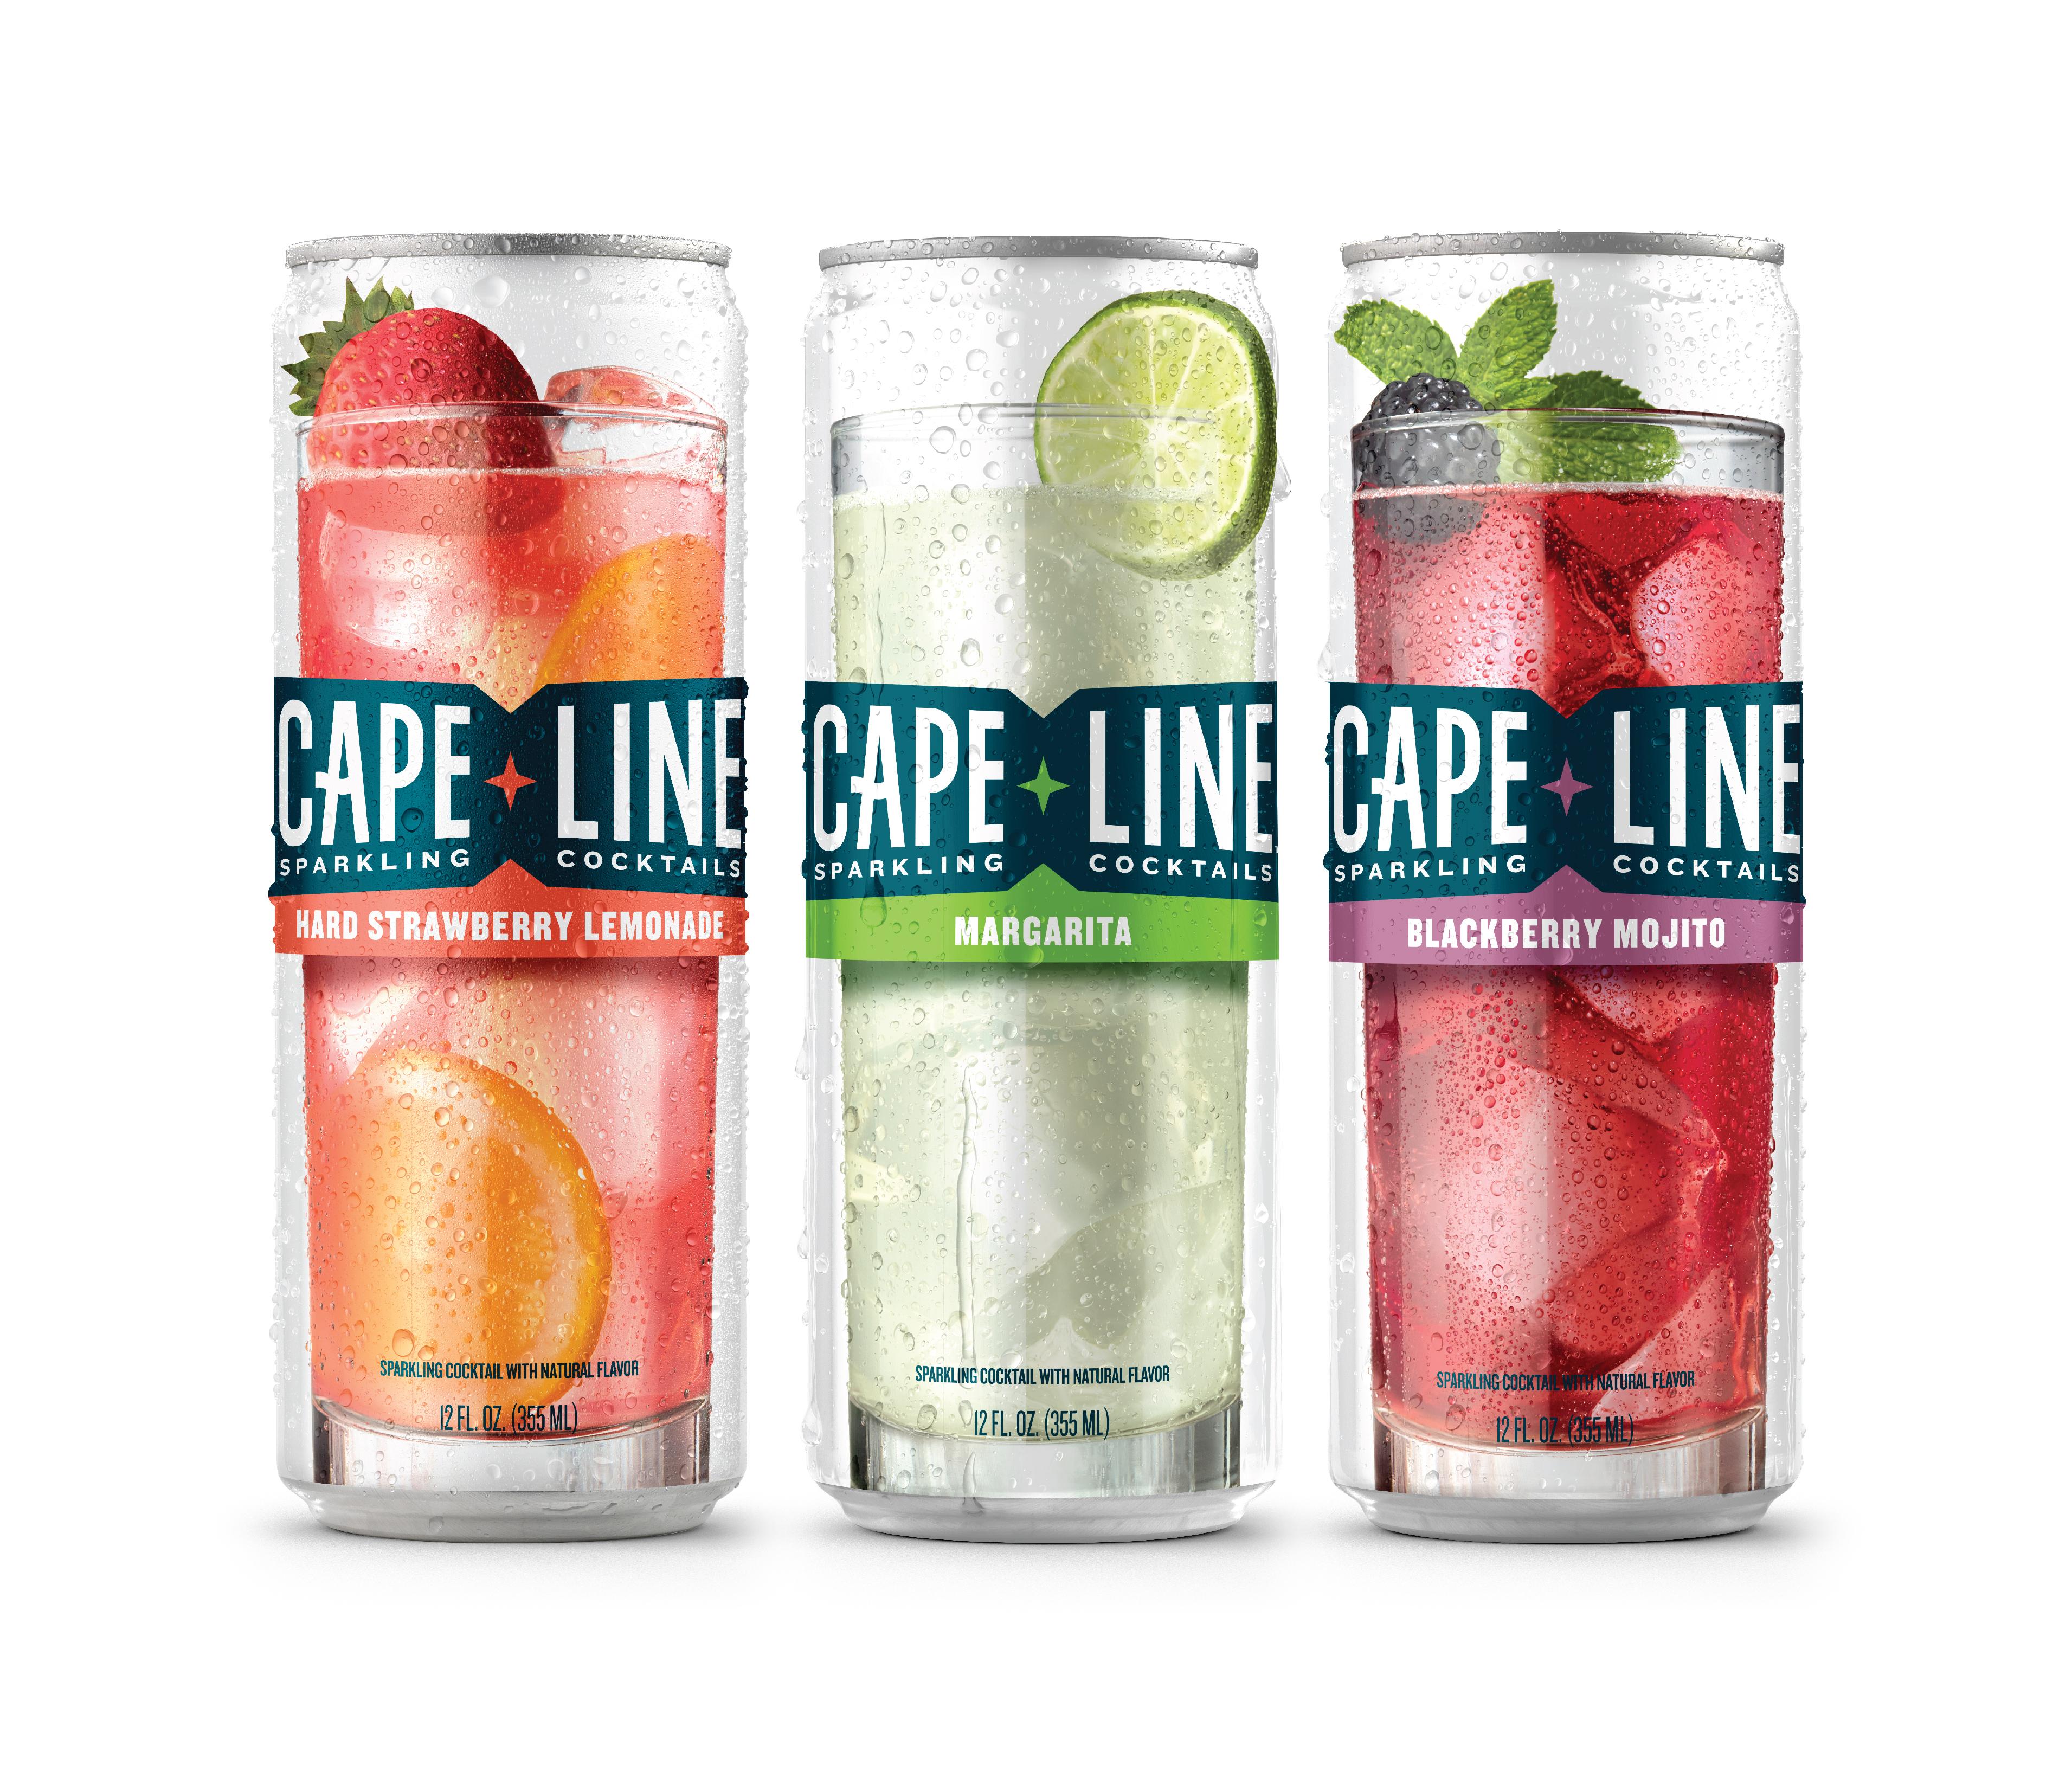 Cape Line A New Line Of Sparkling Cocktails Unveils